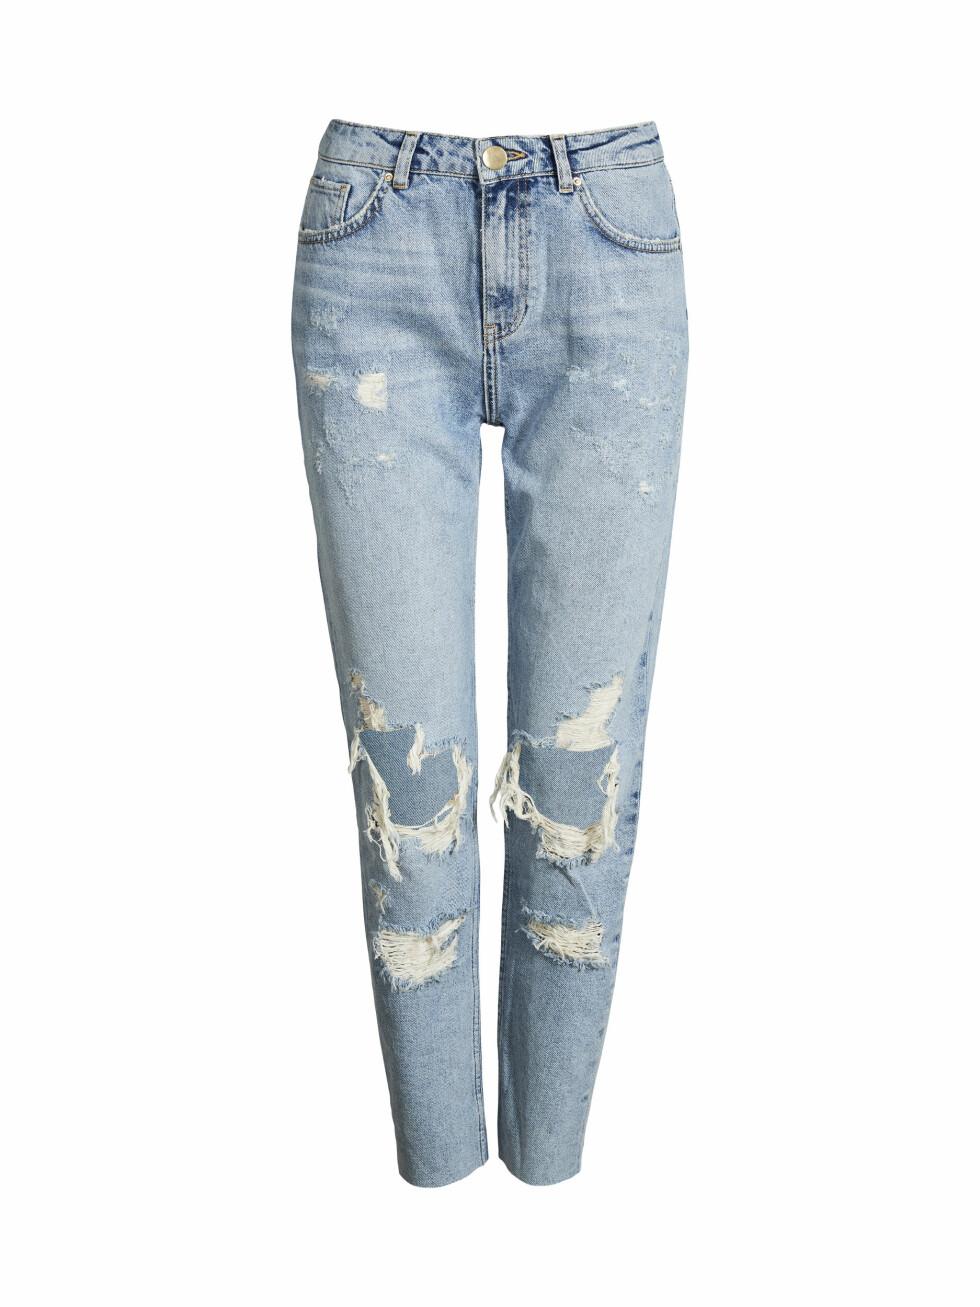 Jeans fra Bik Bok by Angelica Blick, kr 499. Foto: Produsenten